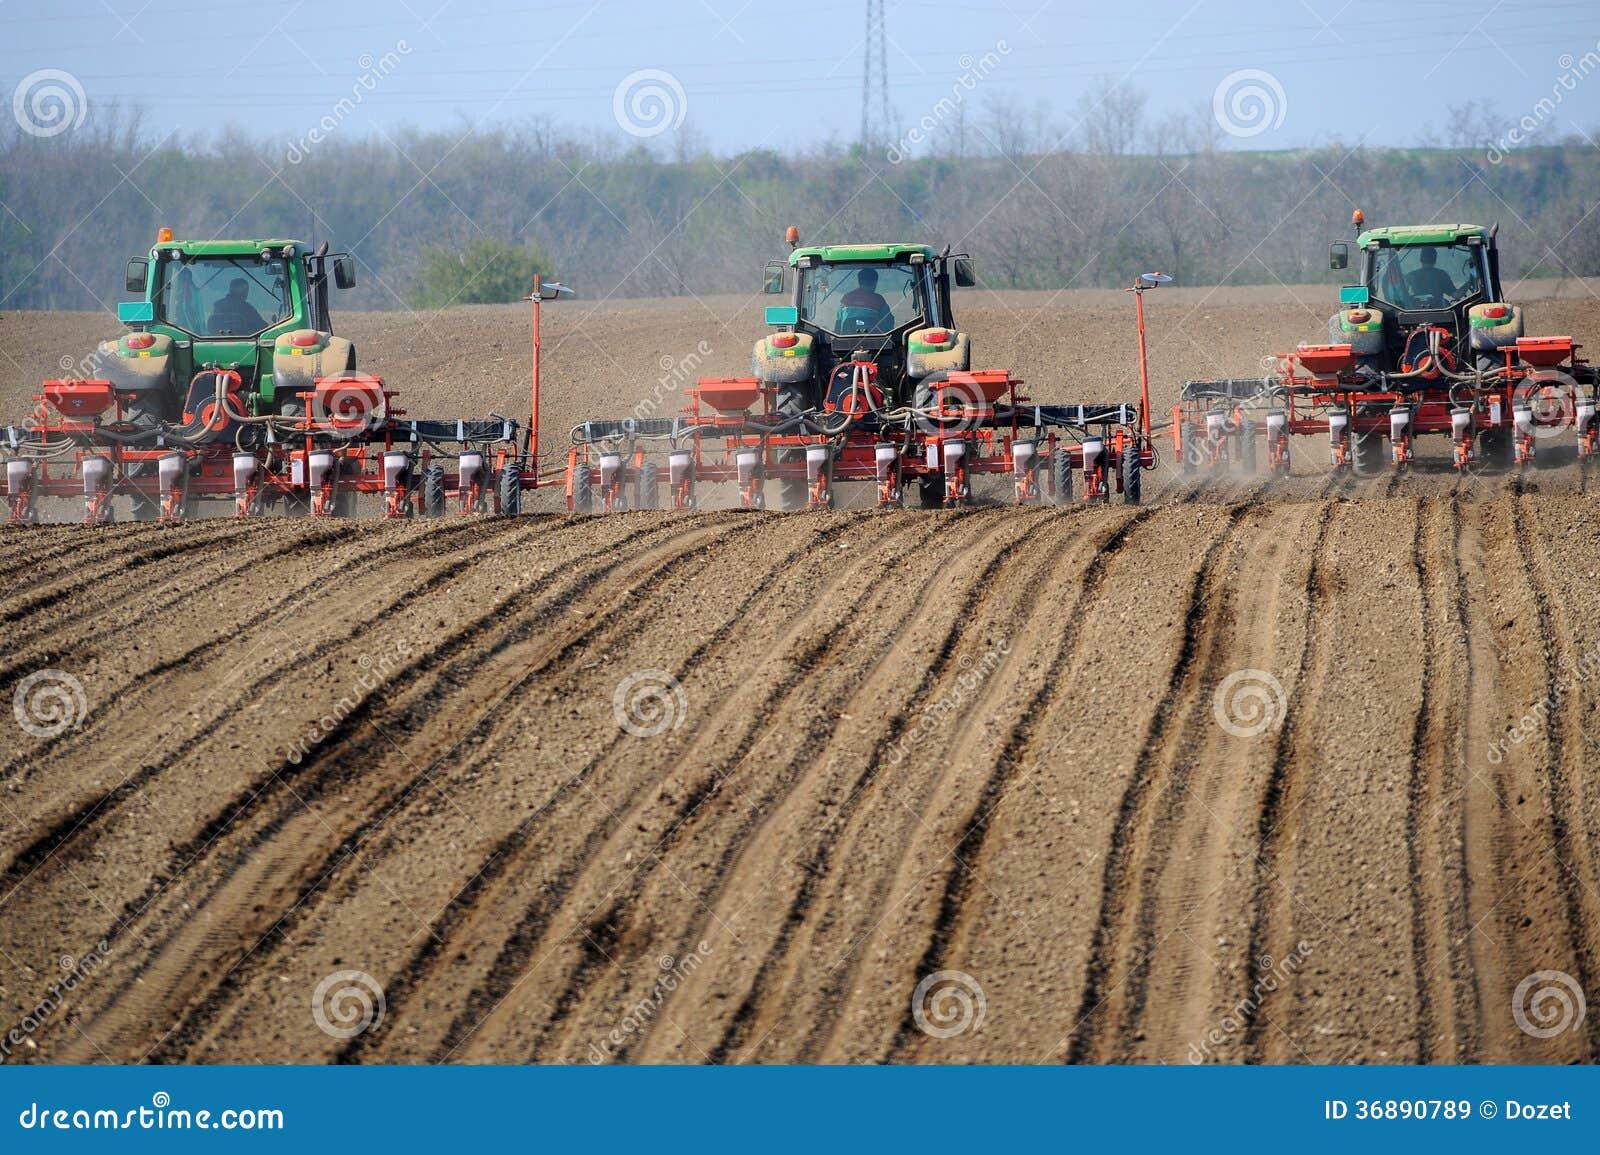 Download Trattori Agricoli Che Coltivare Campo Immagine Stock - Immagine di campo, trattore: 36890789